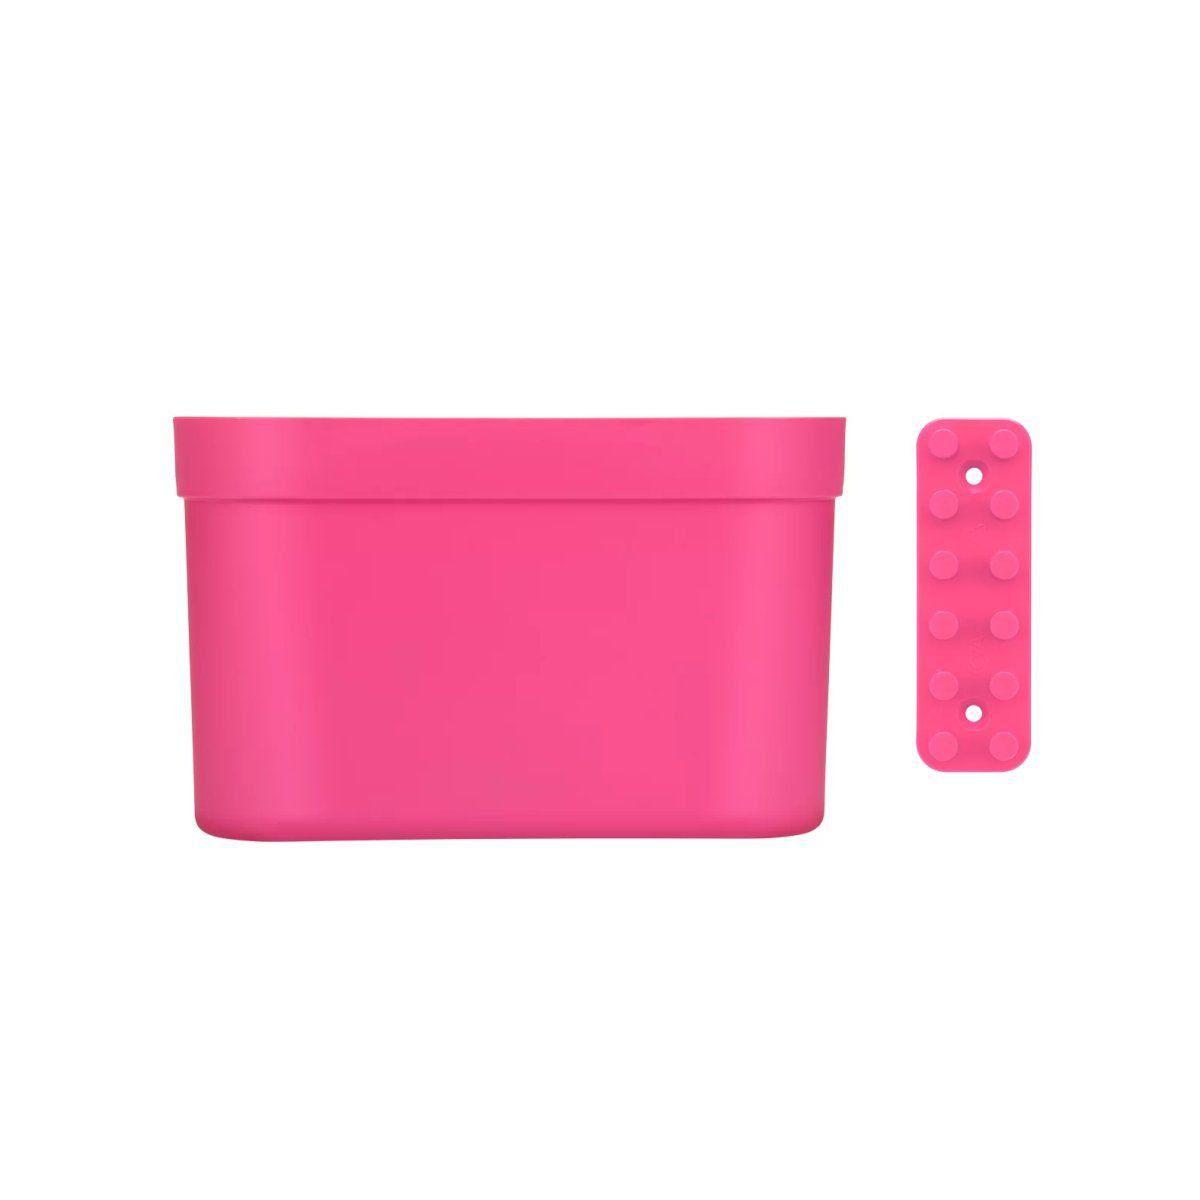 Organizador Grande com Barra Loft Up Coza 21 x 13 x 9 cm Rosa